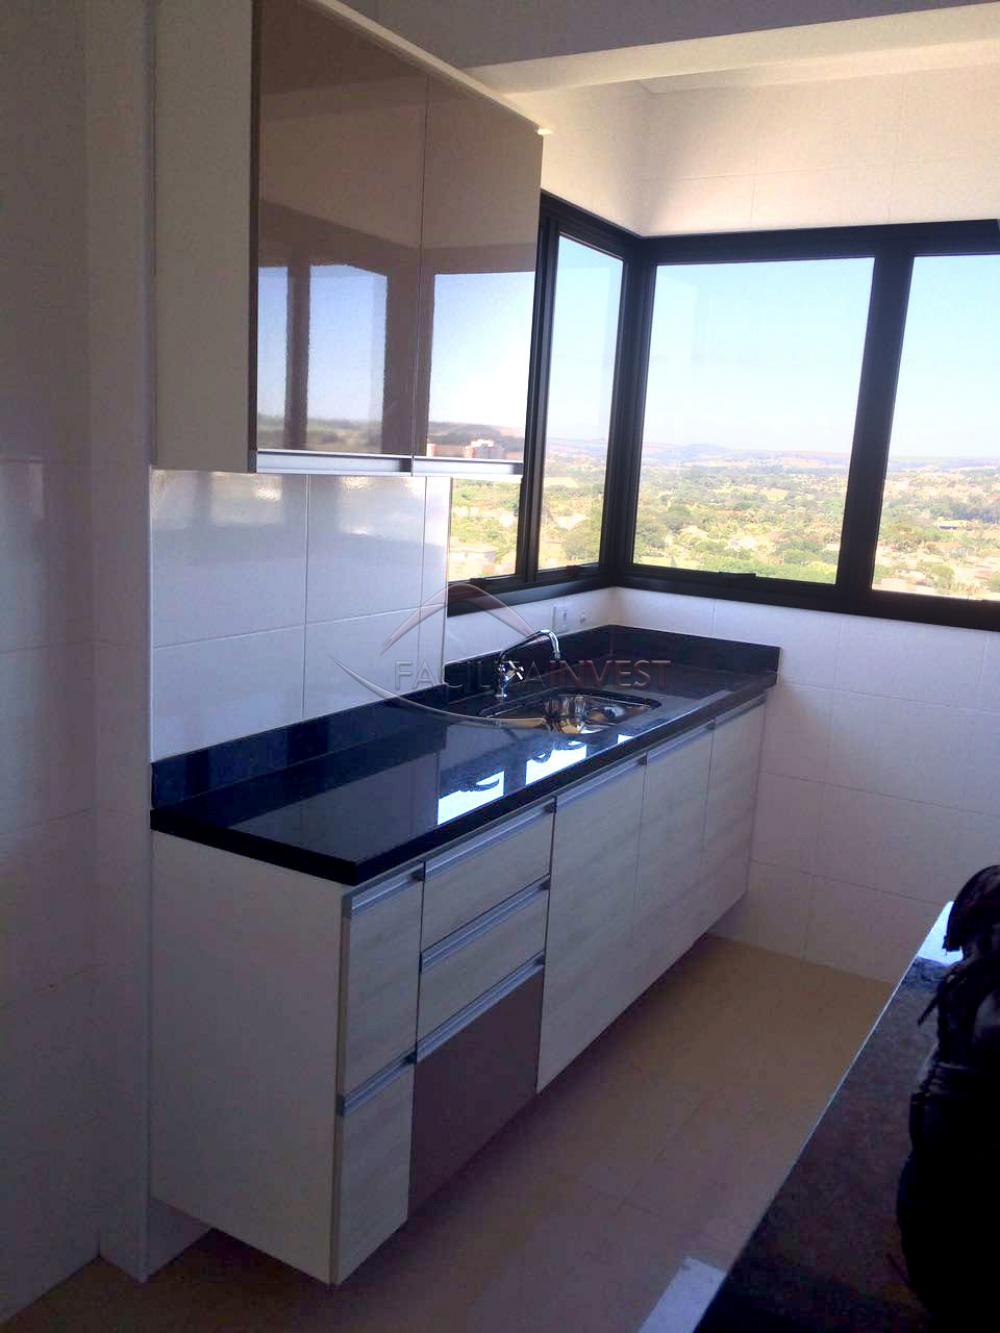 Comprar Apartamentos / Apart. Padrão em Ribeirão Preto apenas R$ 269.000,00 - Foto 3